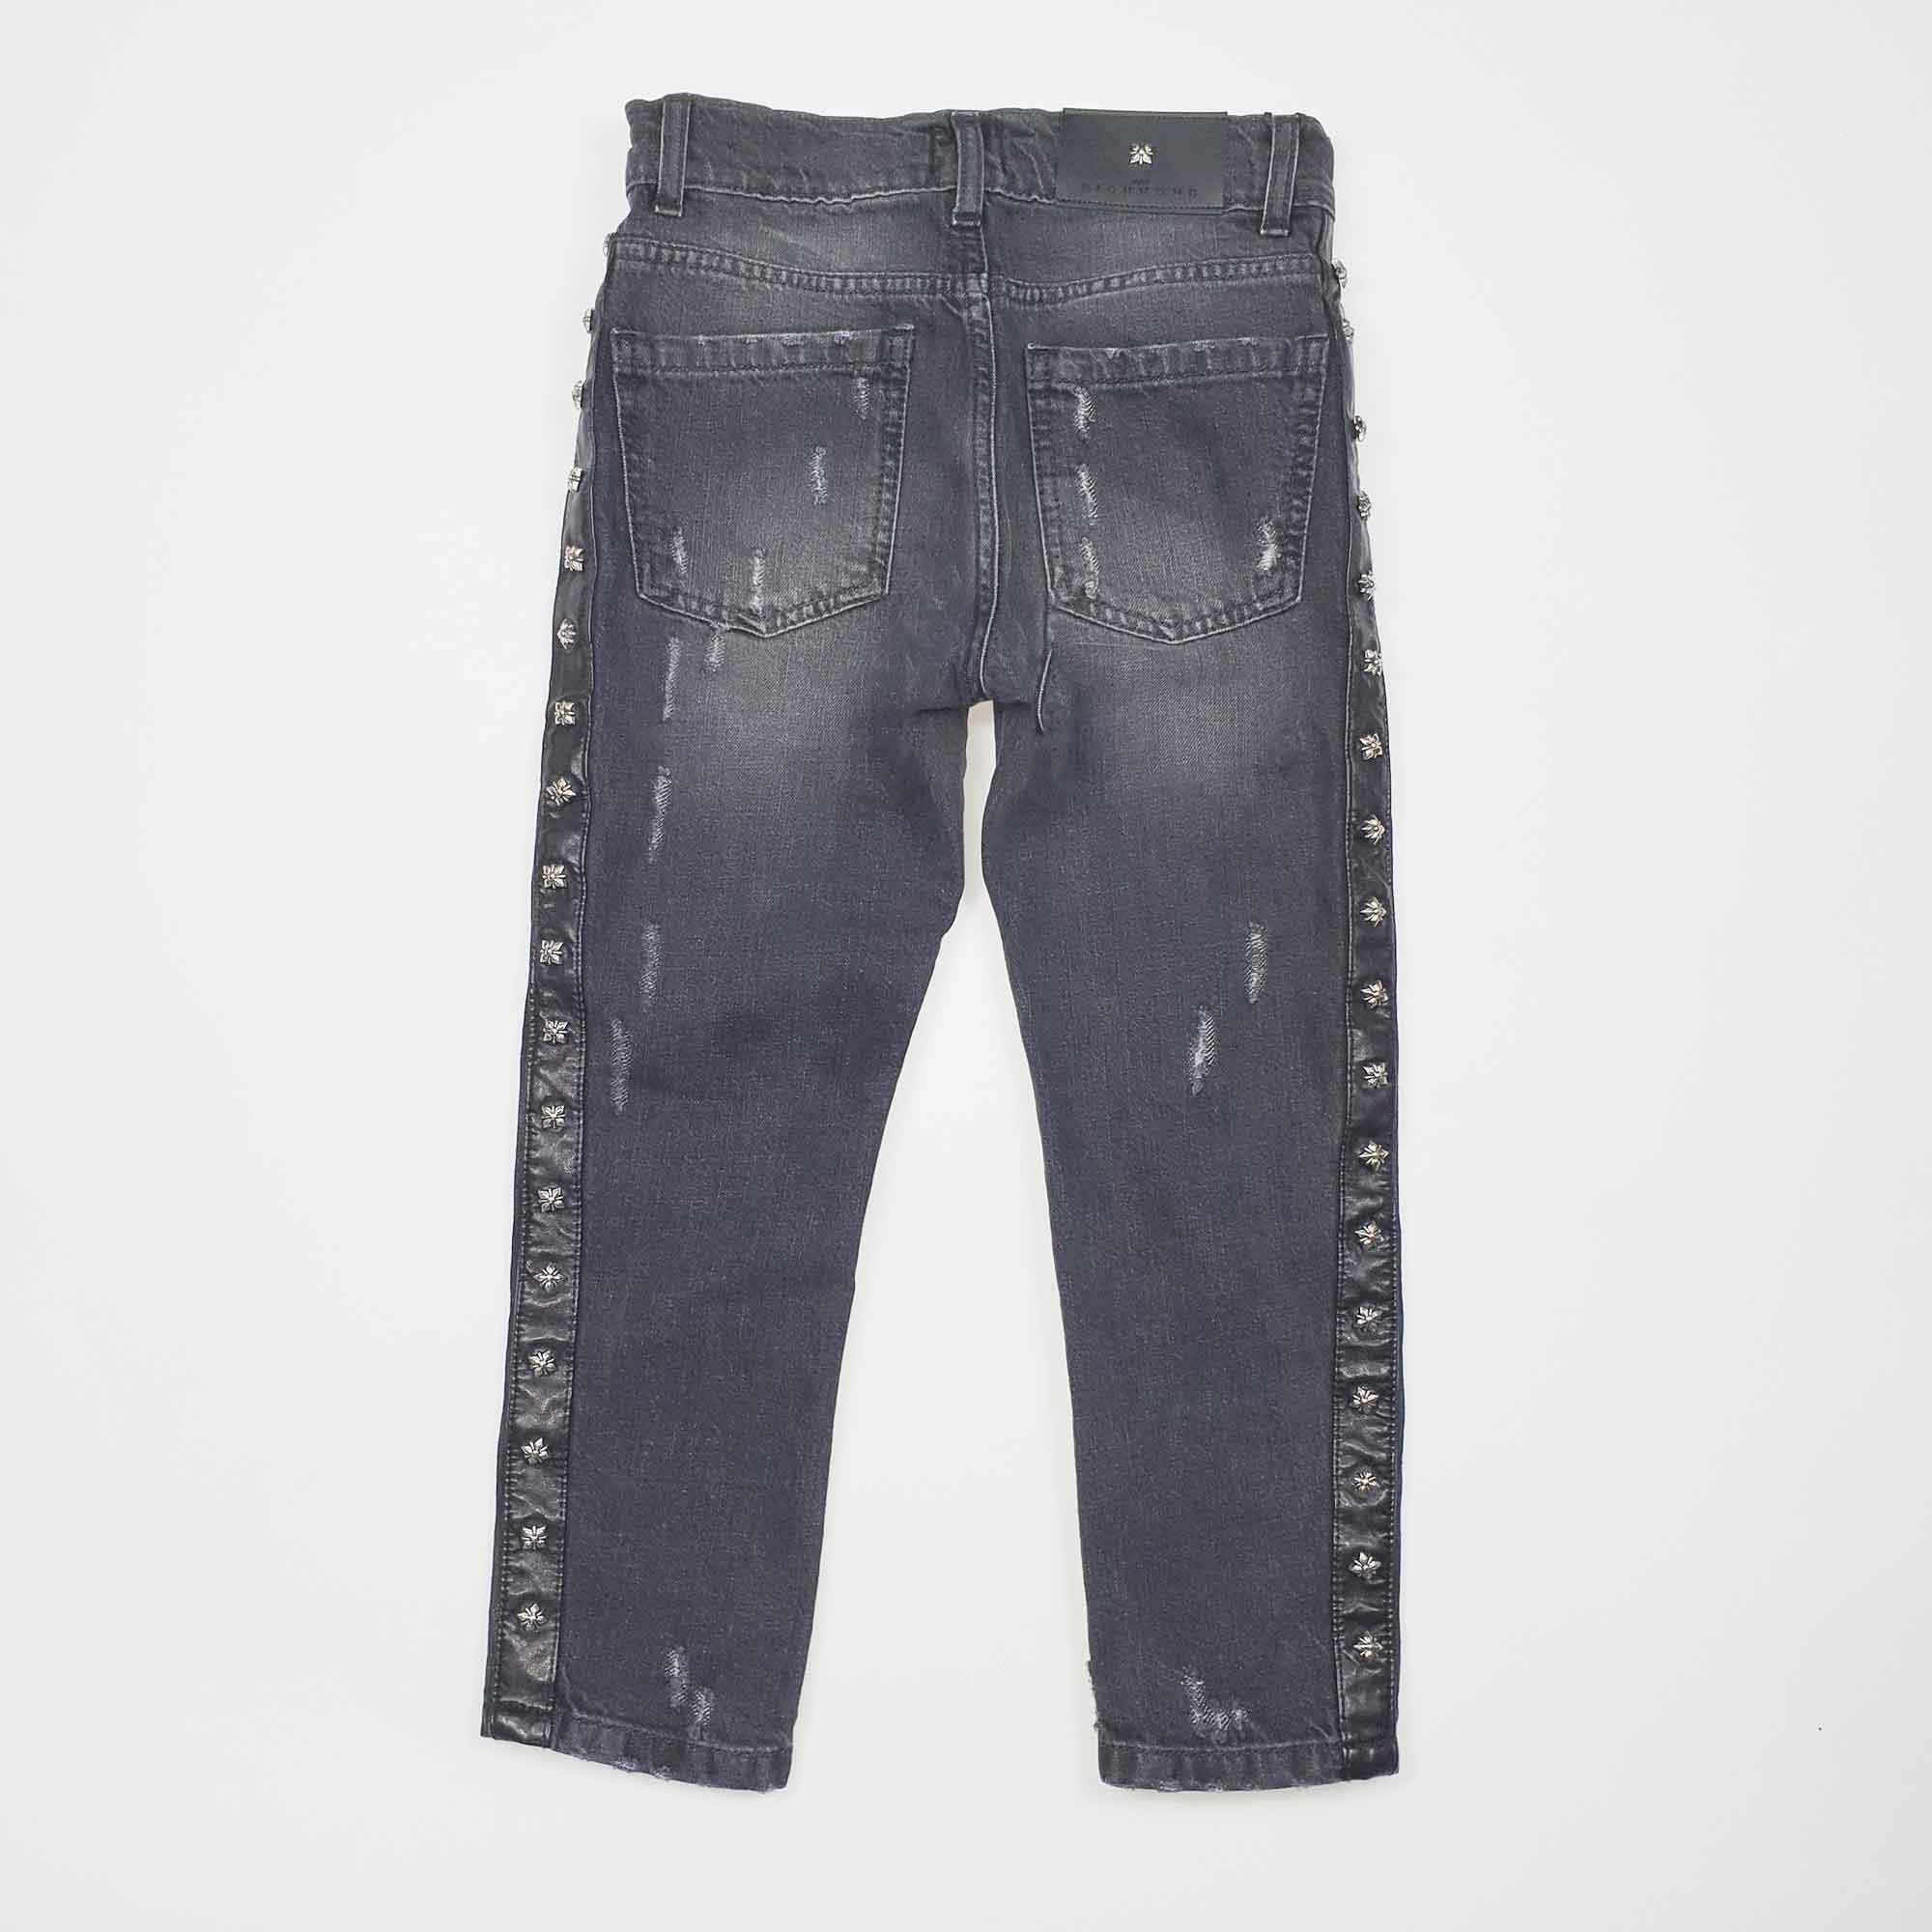 Jeans salem - Denim nero